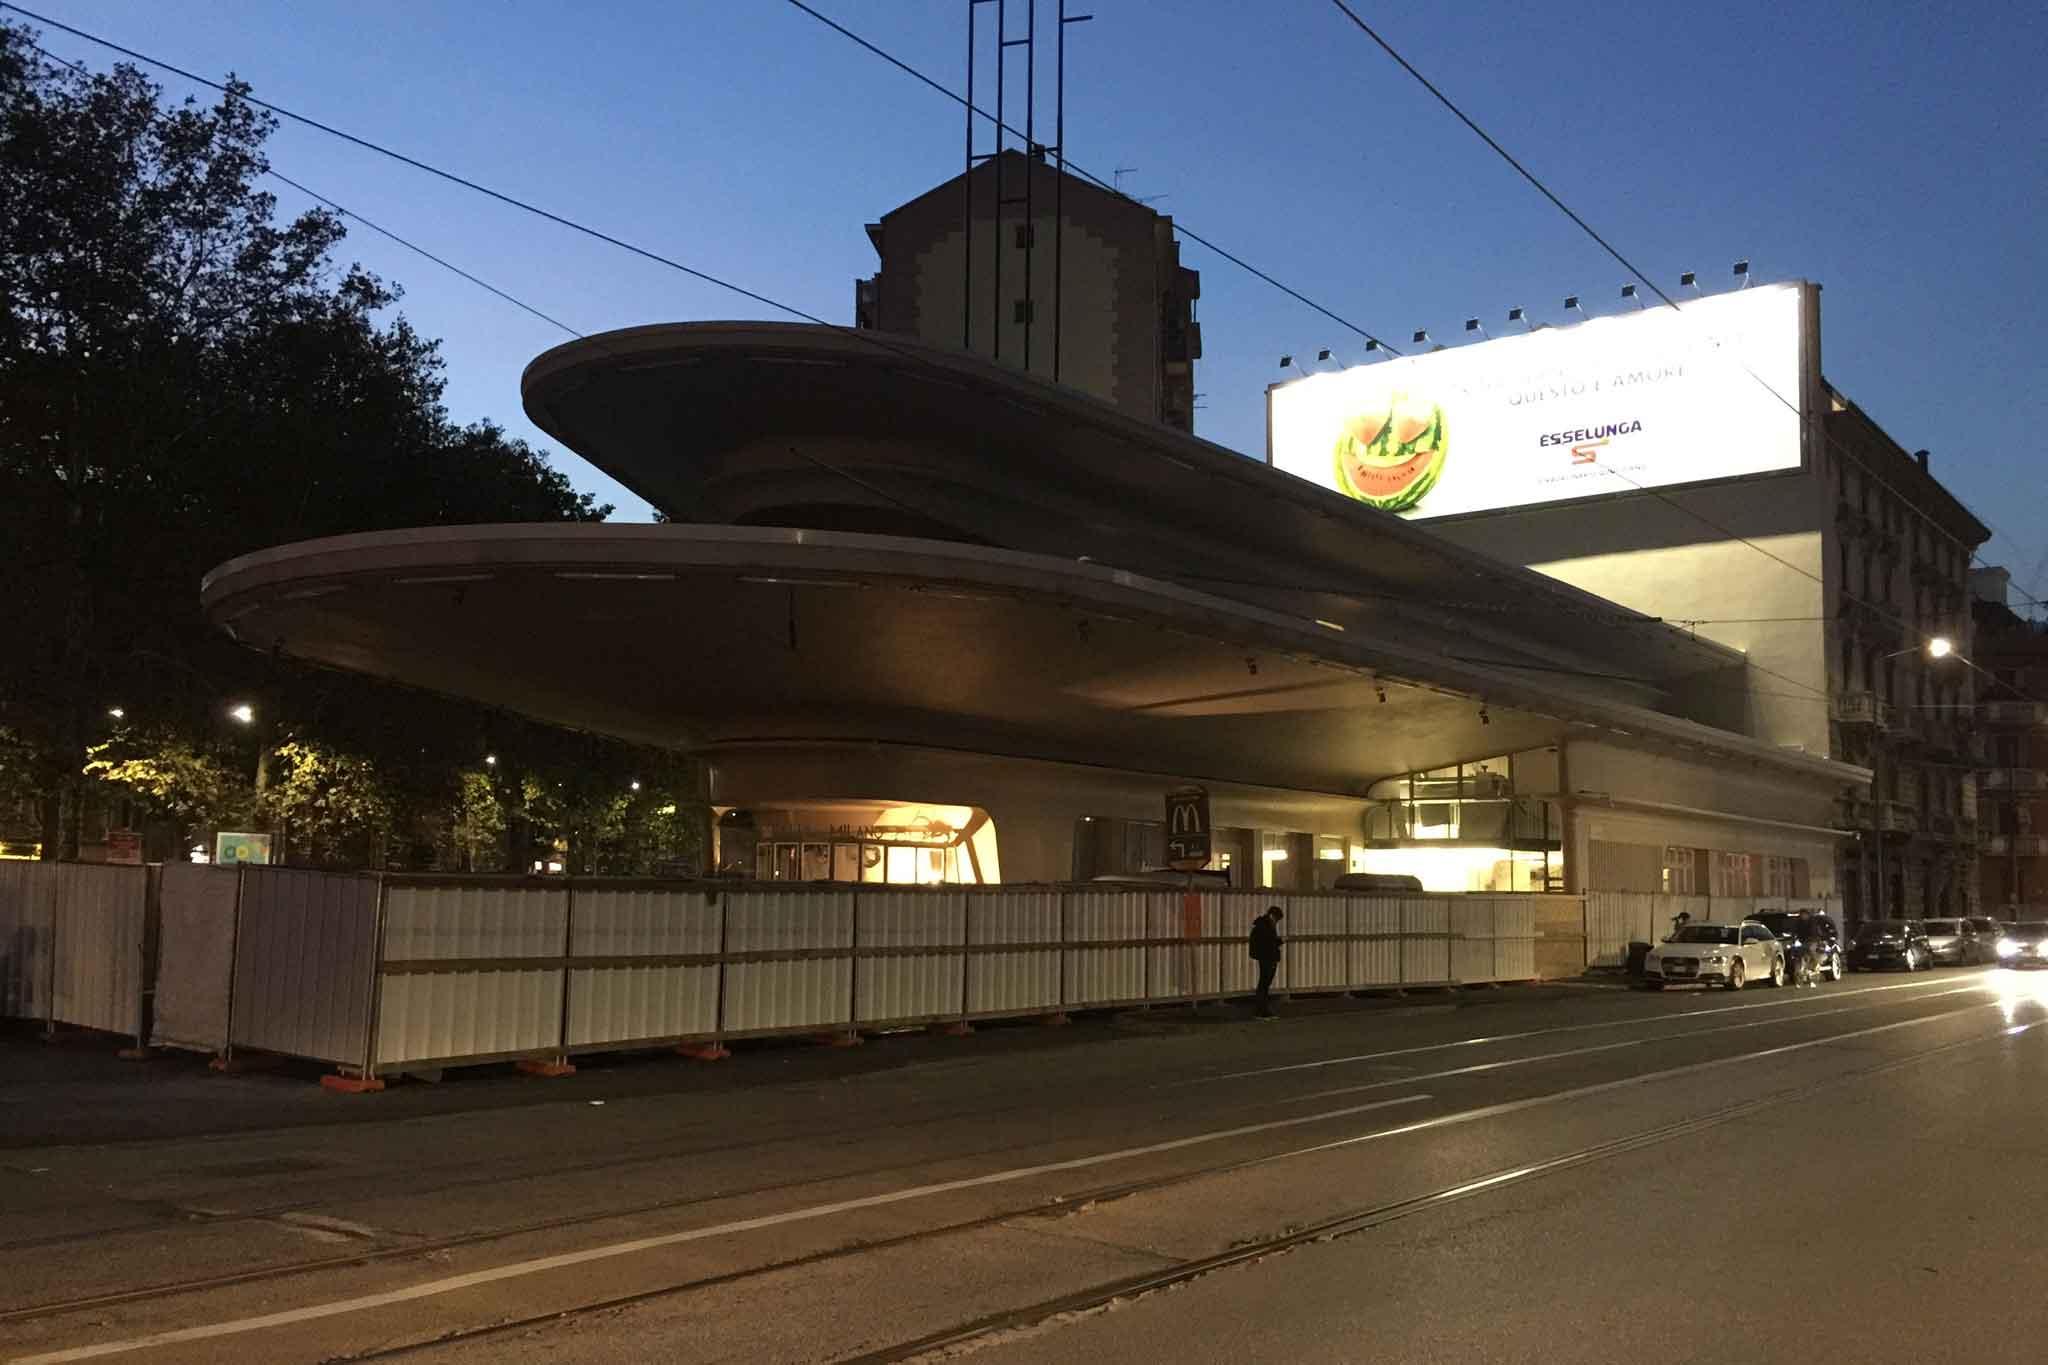 Milano carlo cracco apre il garage mentre arrivano toscanino e le patate gialle - Garage italia ristorante milano ...